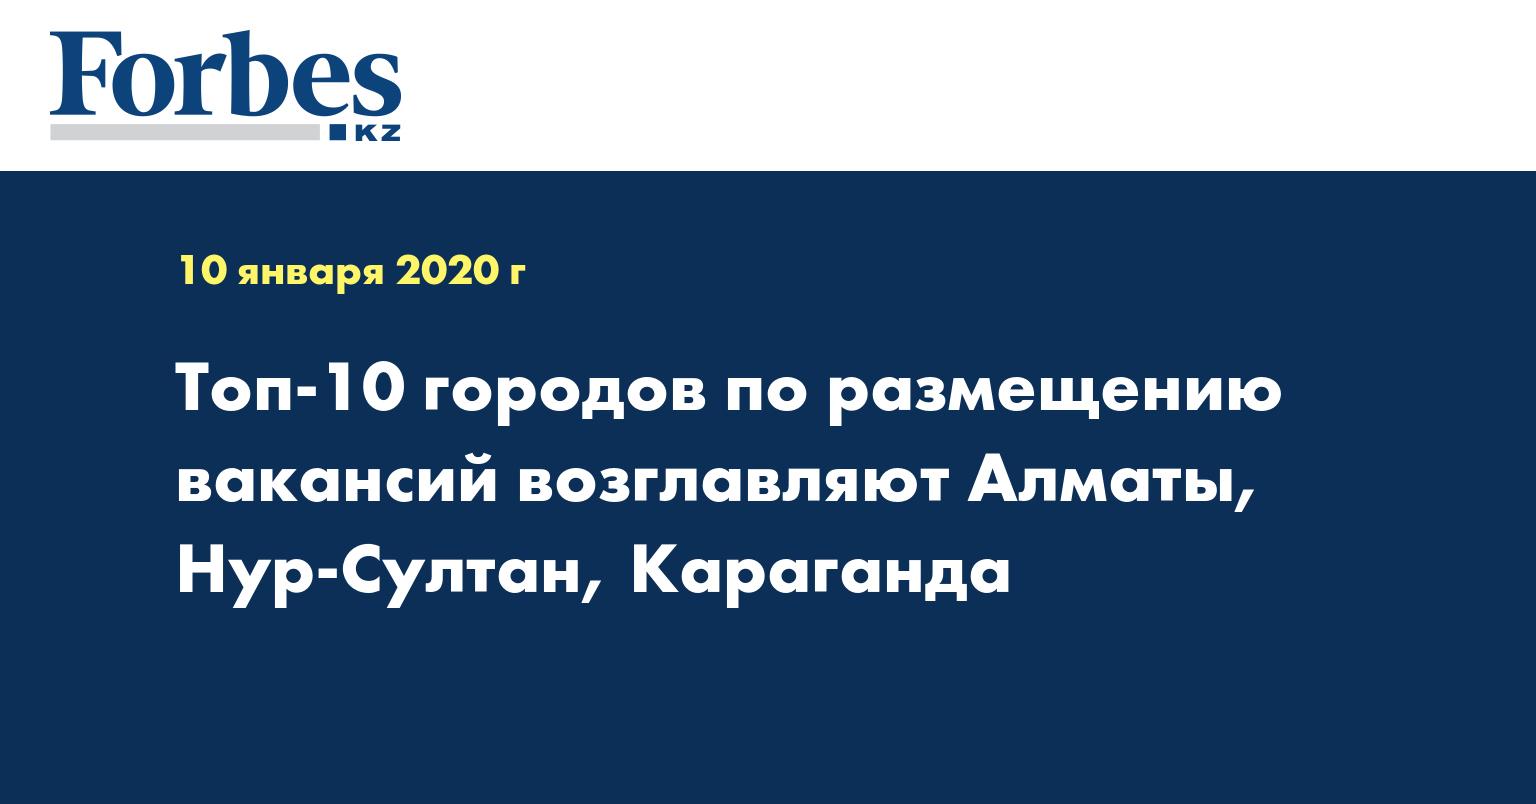 Топ-10 городов по размещению вакансий возглавляют Алматы, Нур-Султан, Караганда